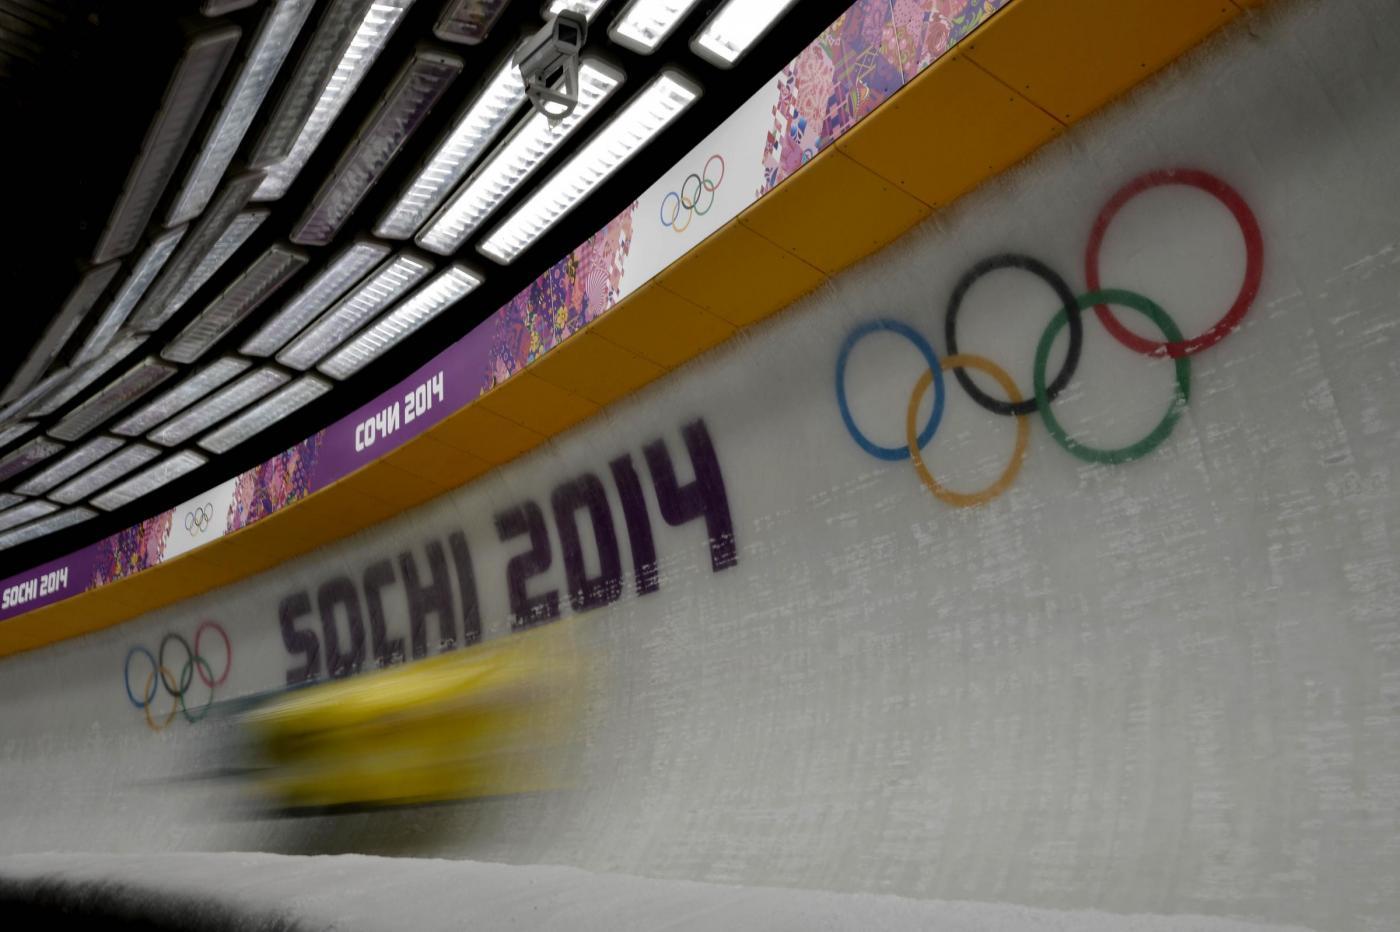 Sochi 2014: Bob a due maschile